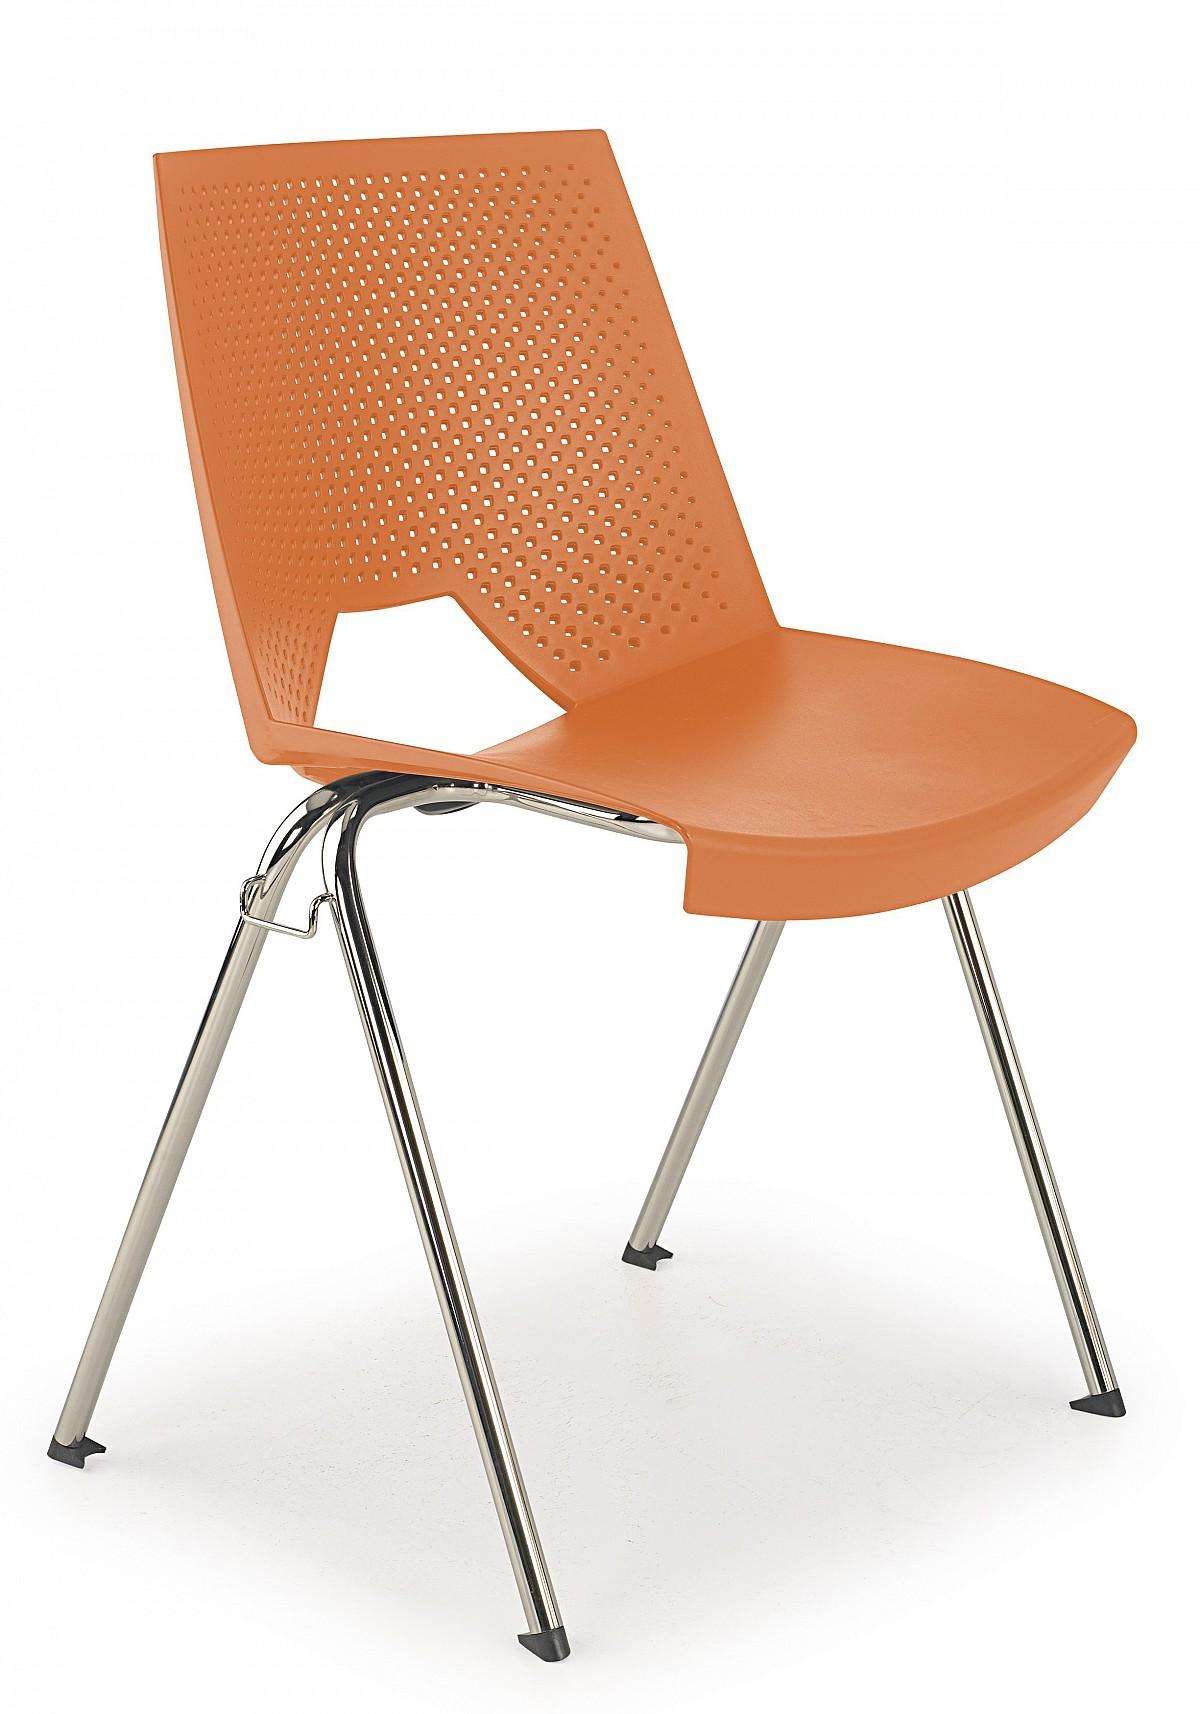 Sillas con ruedas o sillas sin ruedas cu ndo usar cada for Sillas apilables comedor